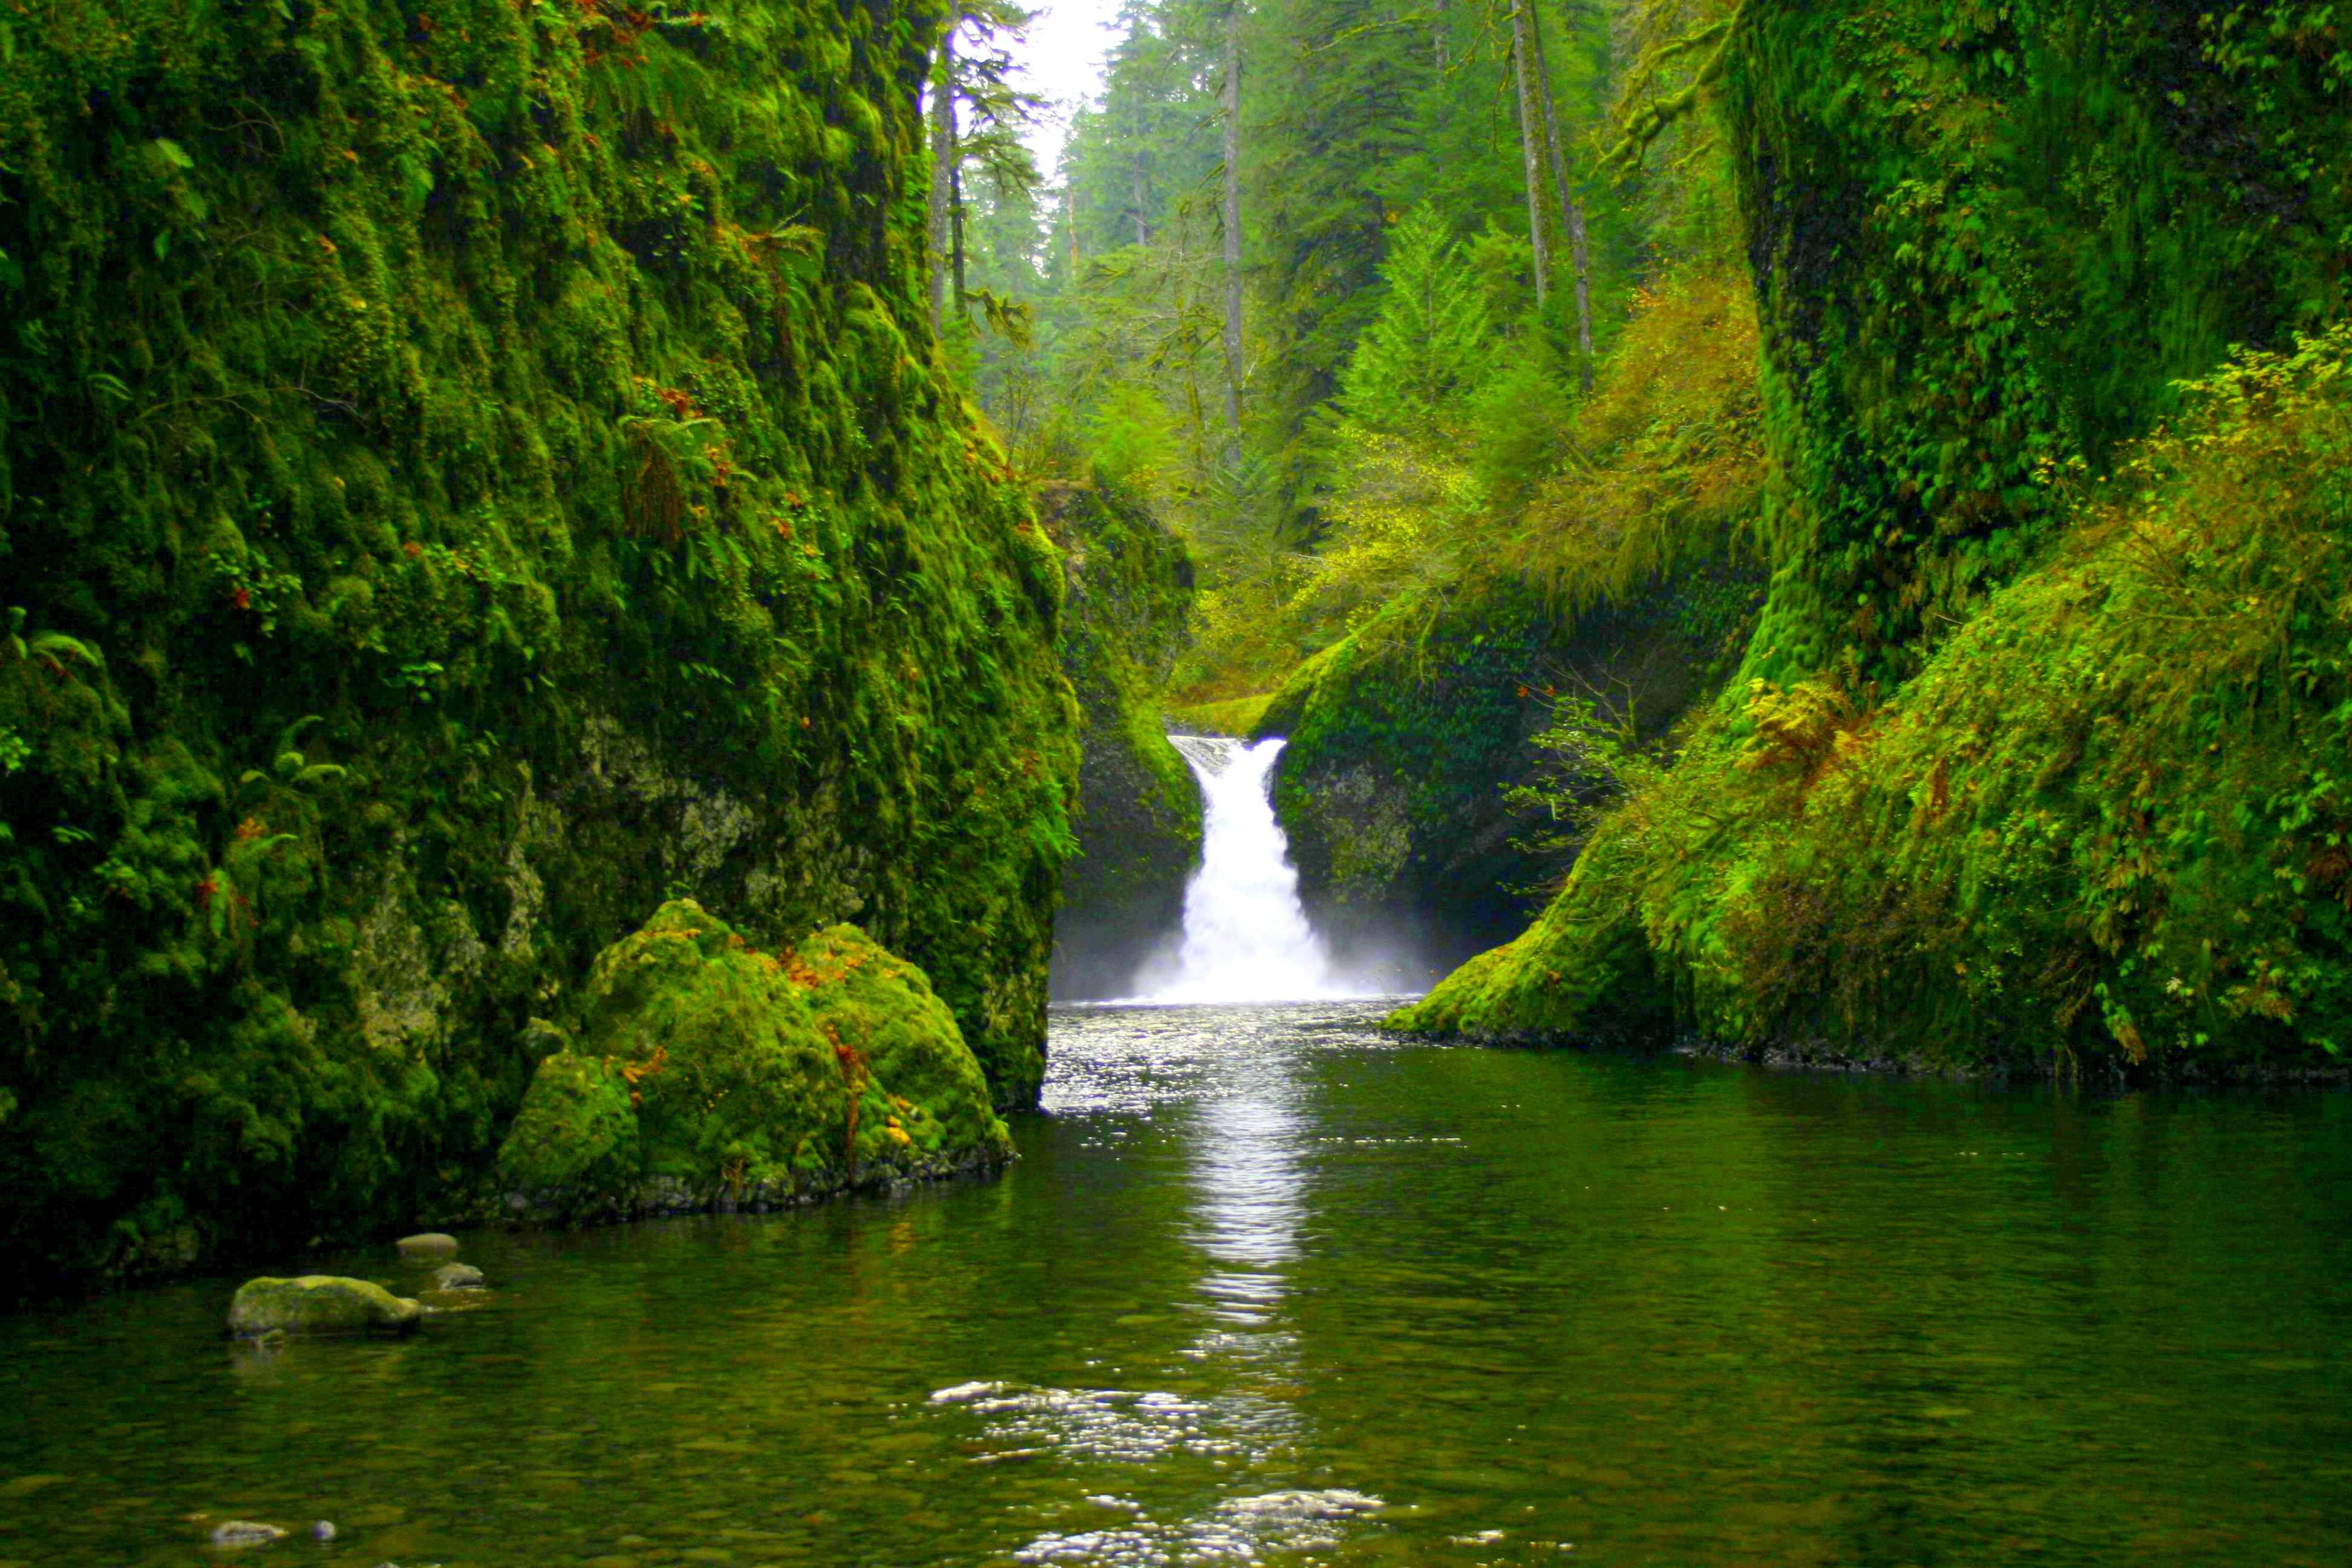 Waterfall In Green Forest 4k Ultra HD Wallpaper